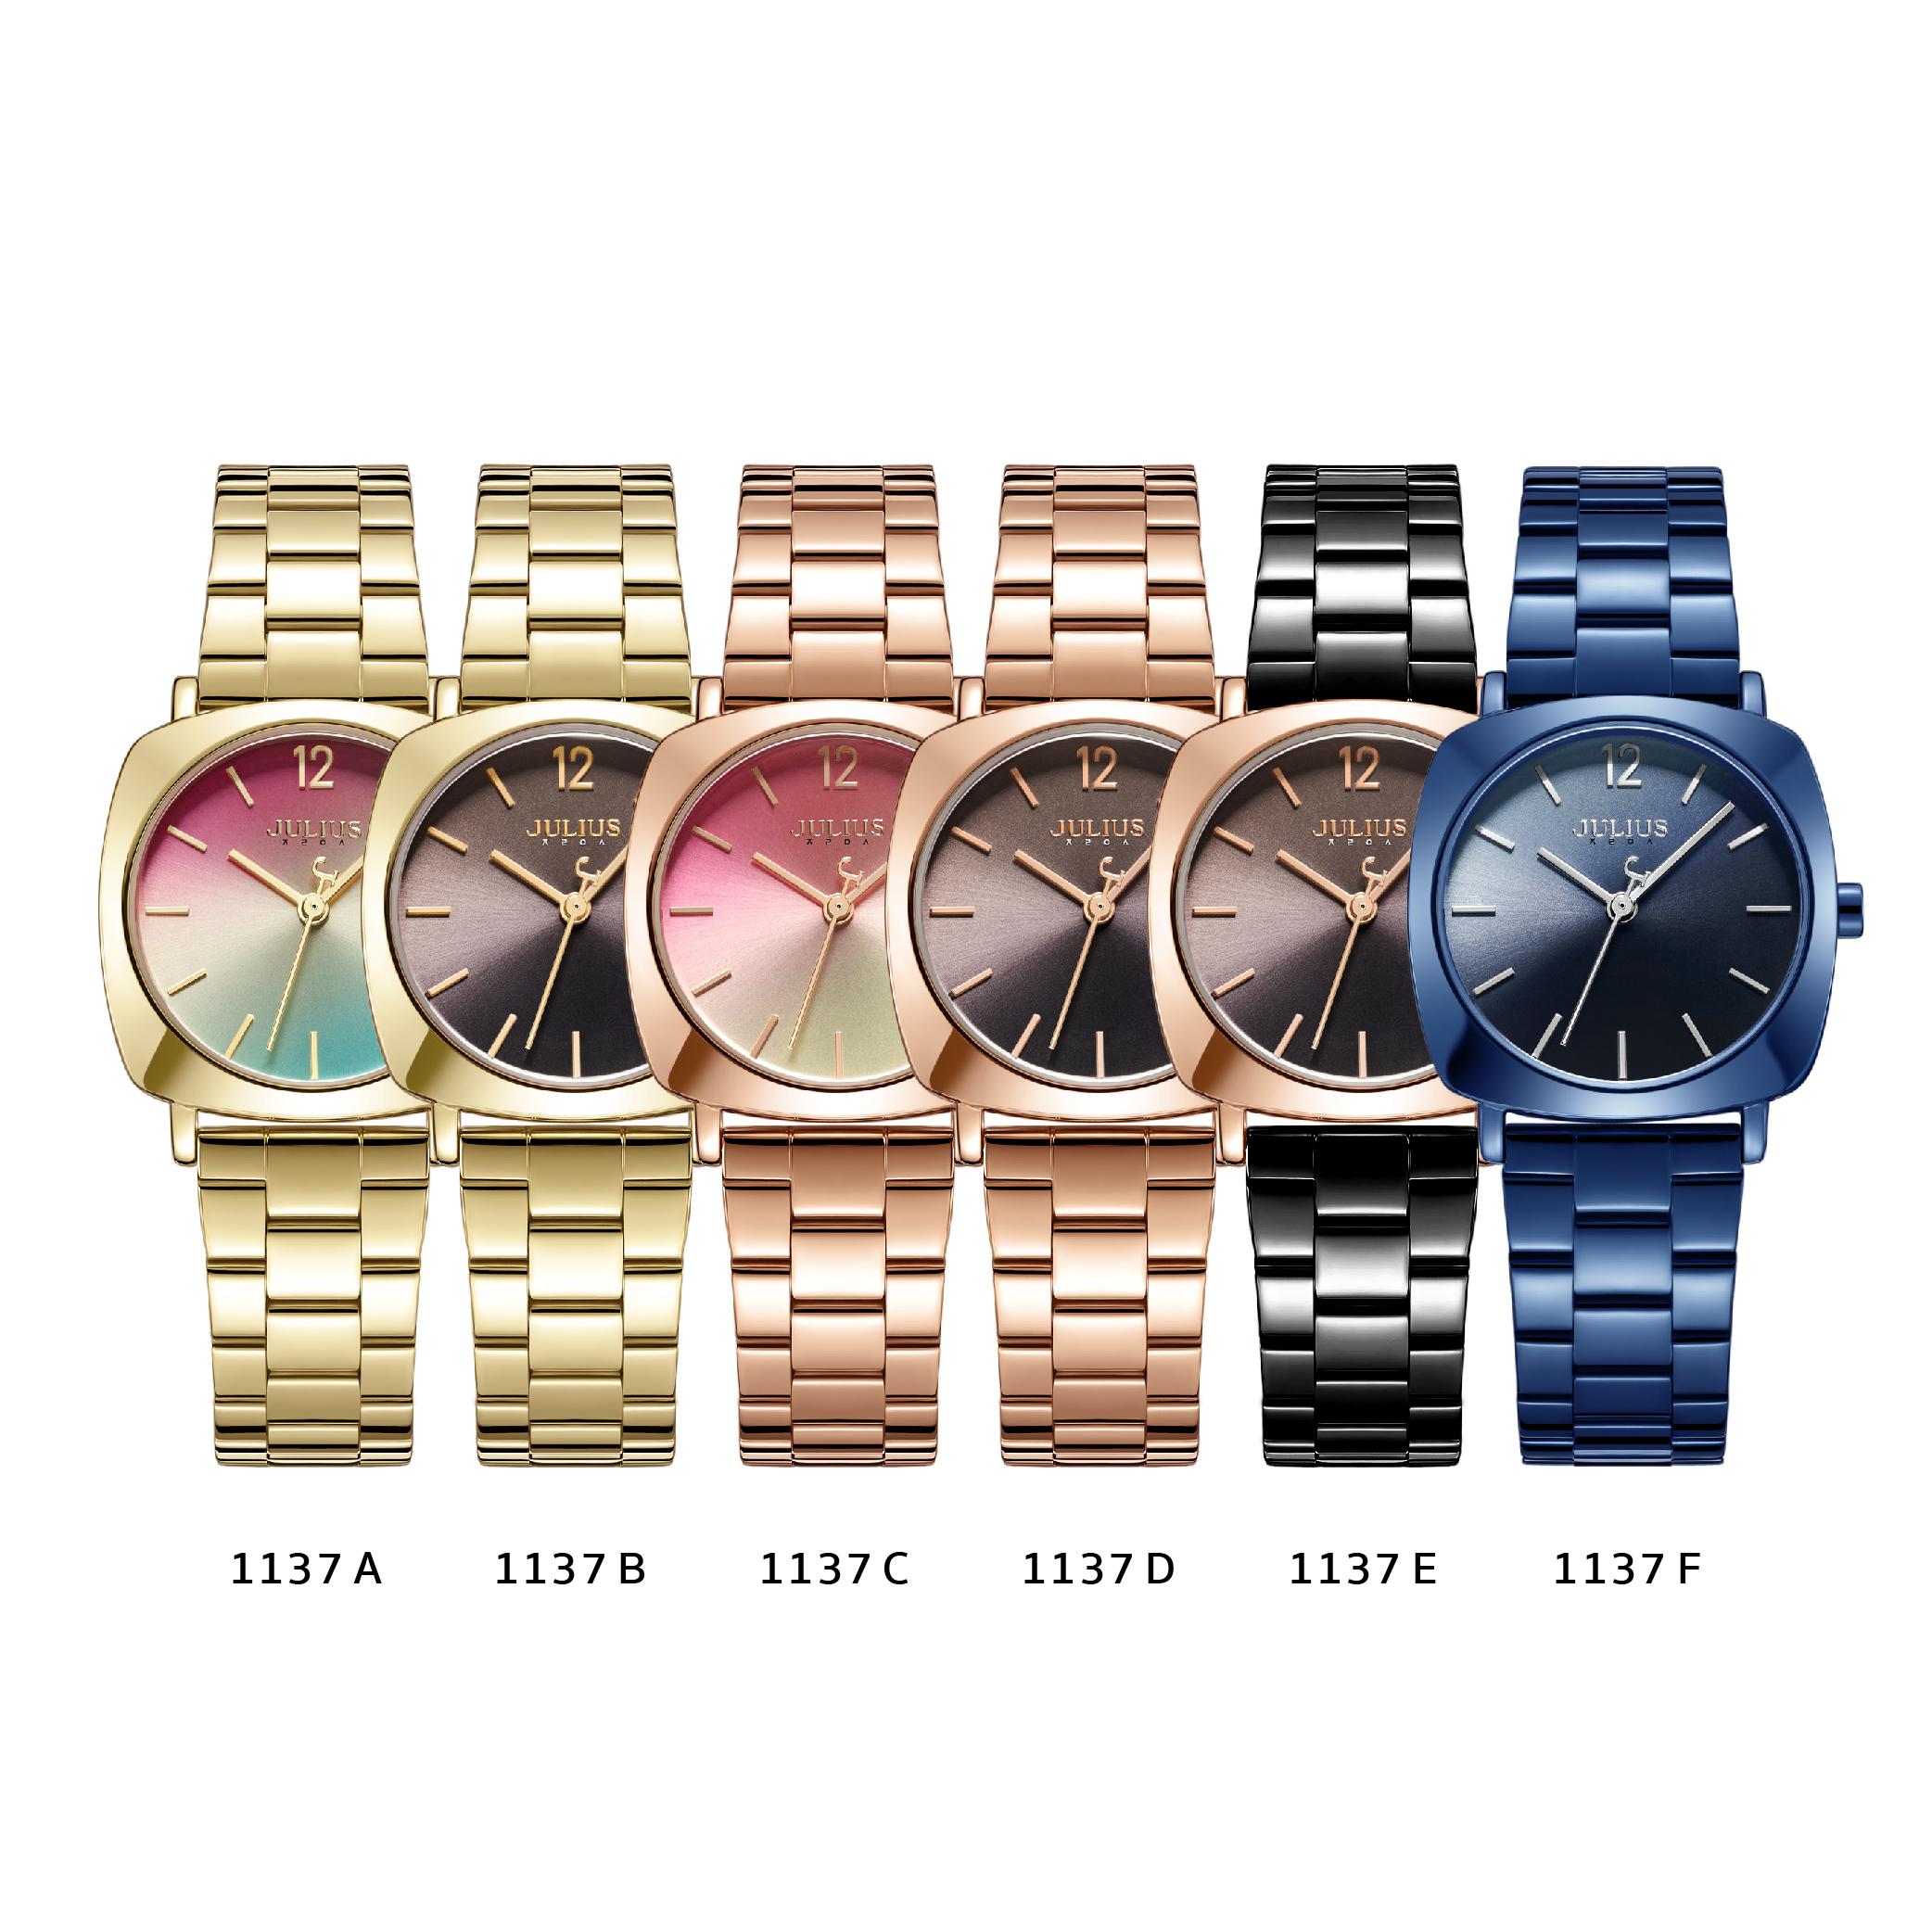 นาฬิกาข้อมือผู้หญิง JULIUS JA-1137 A